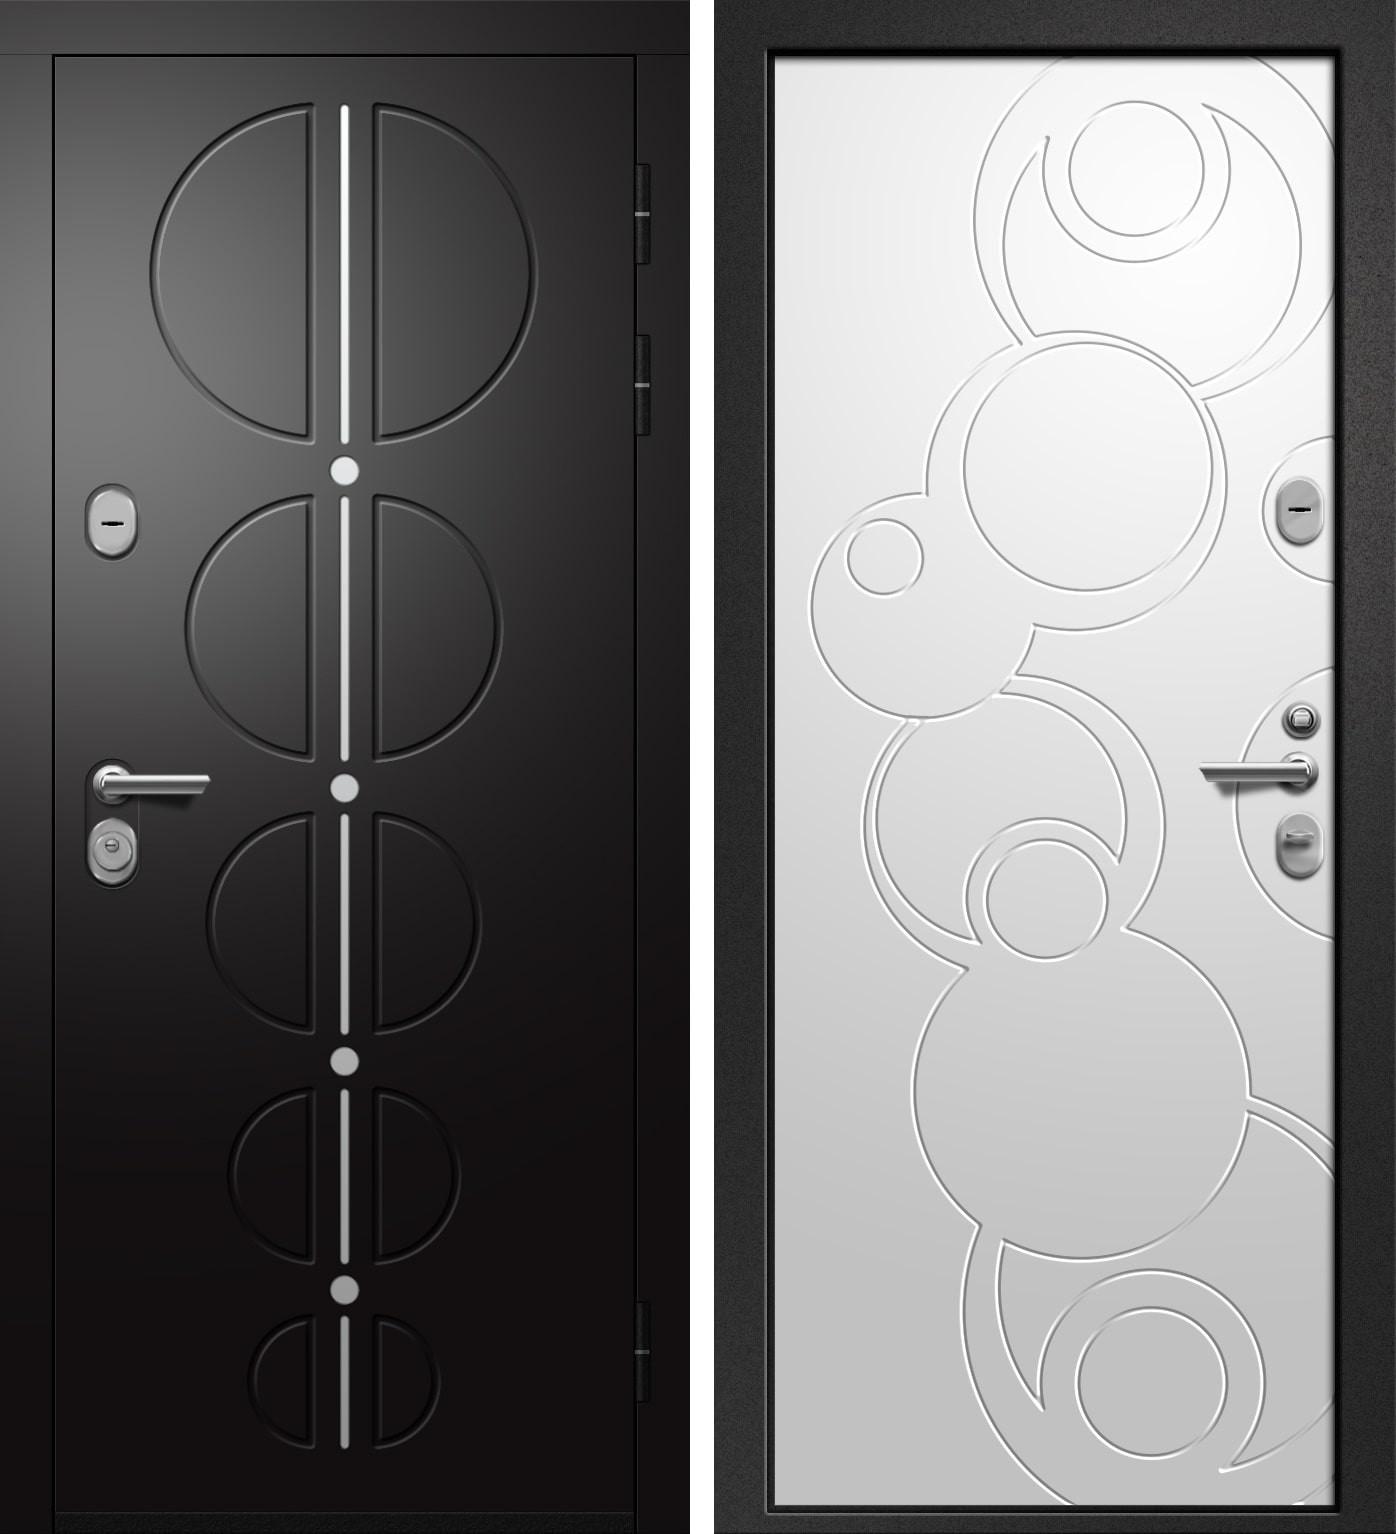 Ретвизан ОРФЕЙ-911 Софт черный+Силк Сноу 228/Силк Сноу 229/Сатин черный